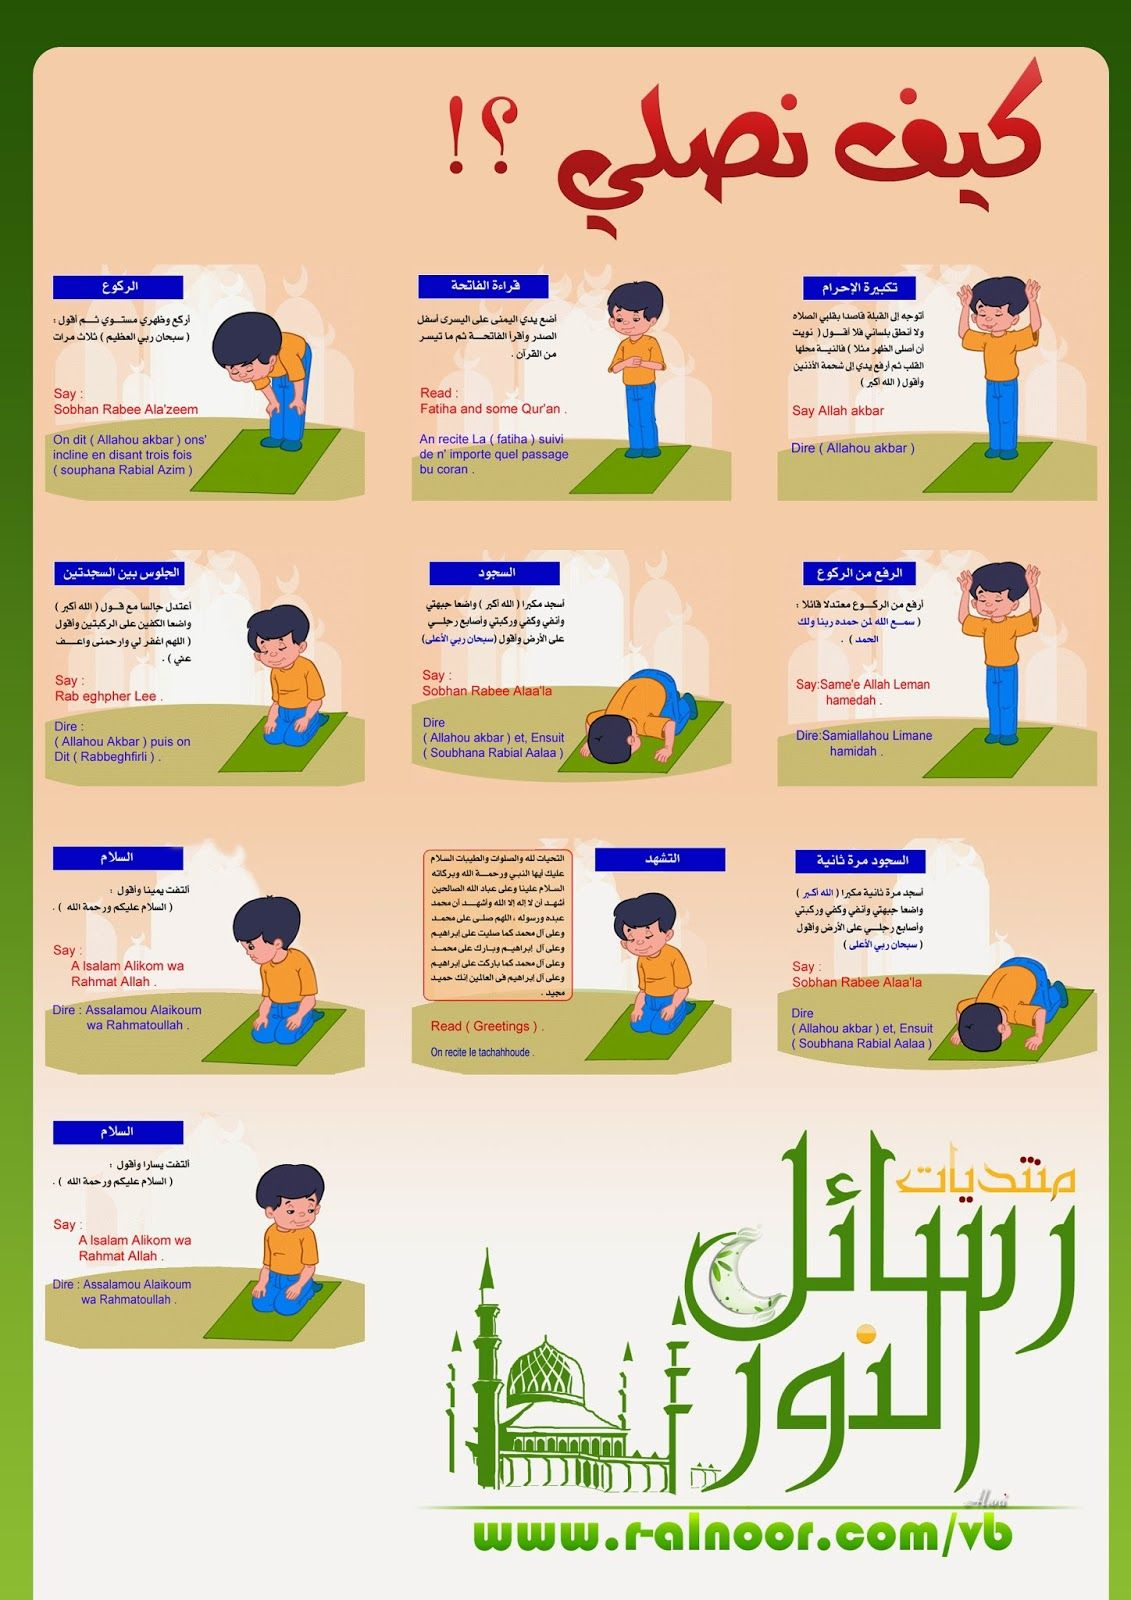 تعلم الصلاة للأطفال تعليم الصلاة Learning prayer for children Pictures and  Video Learning prayer for children Pictures and V..